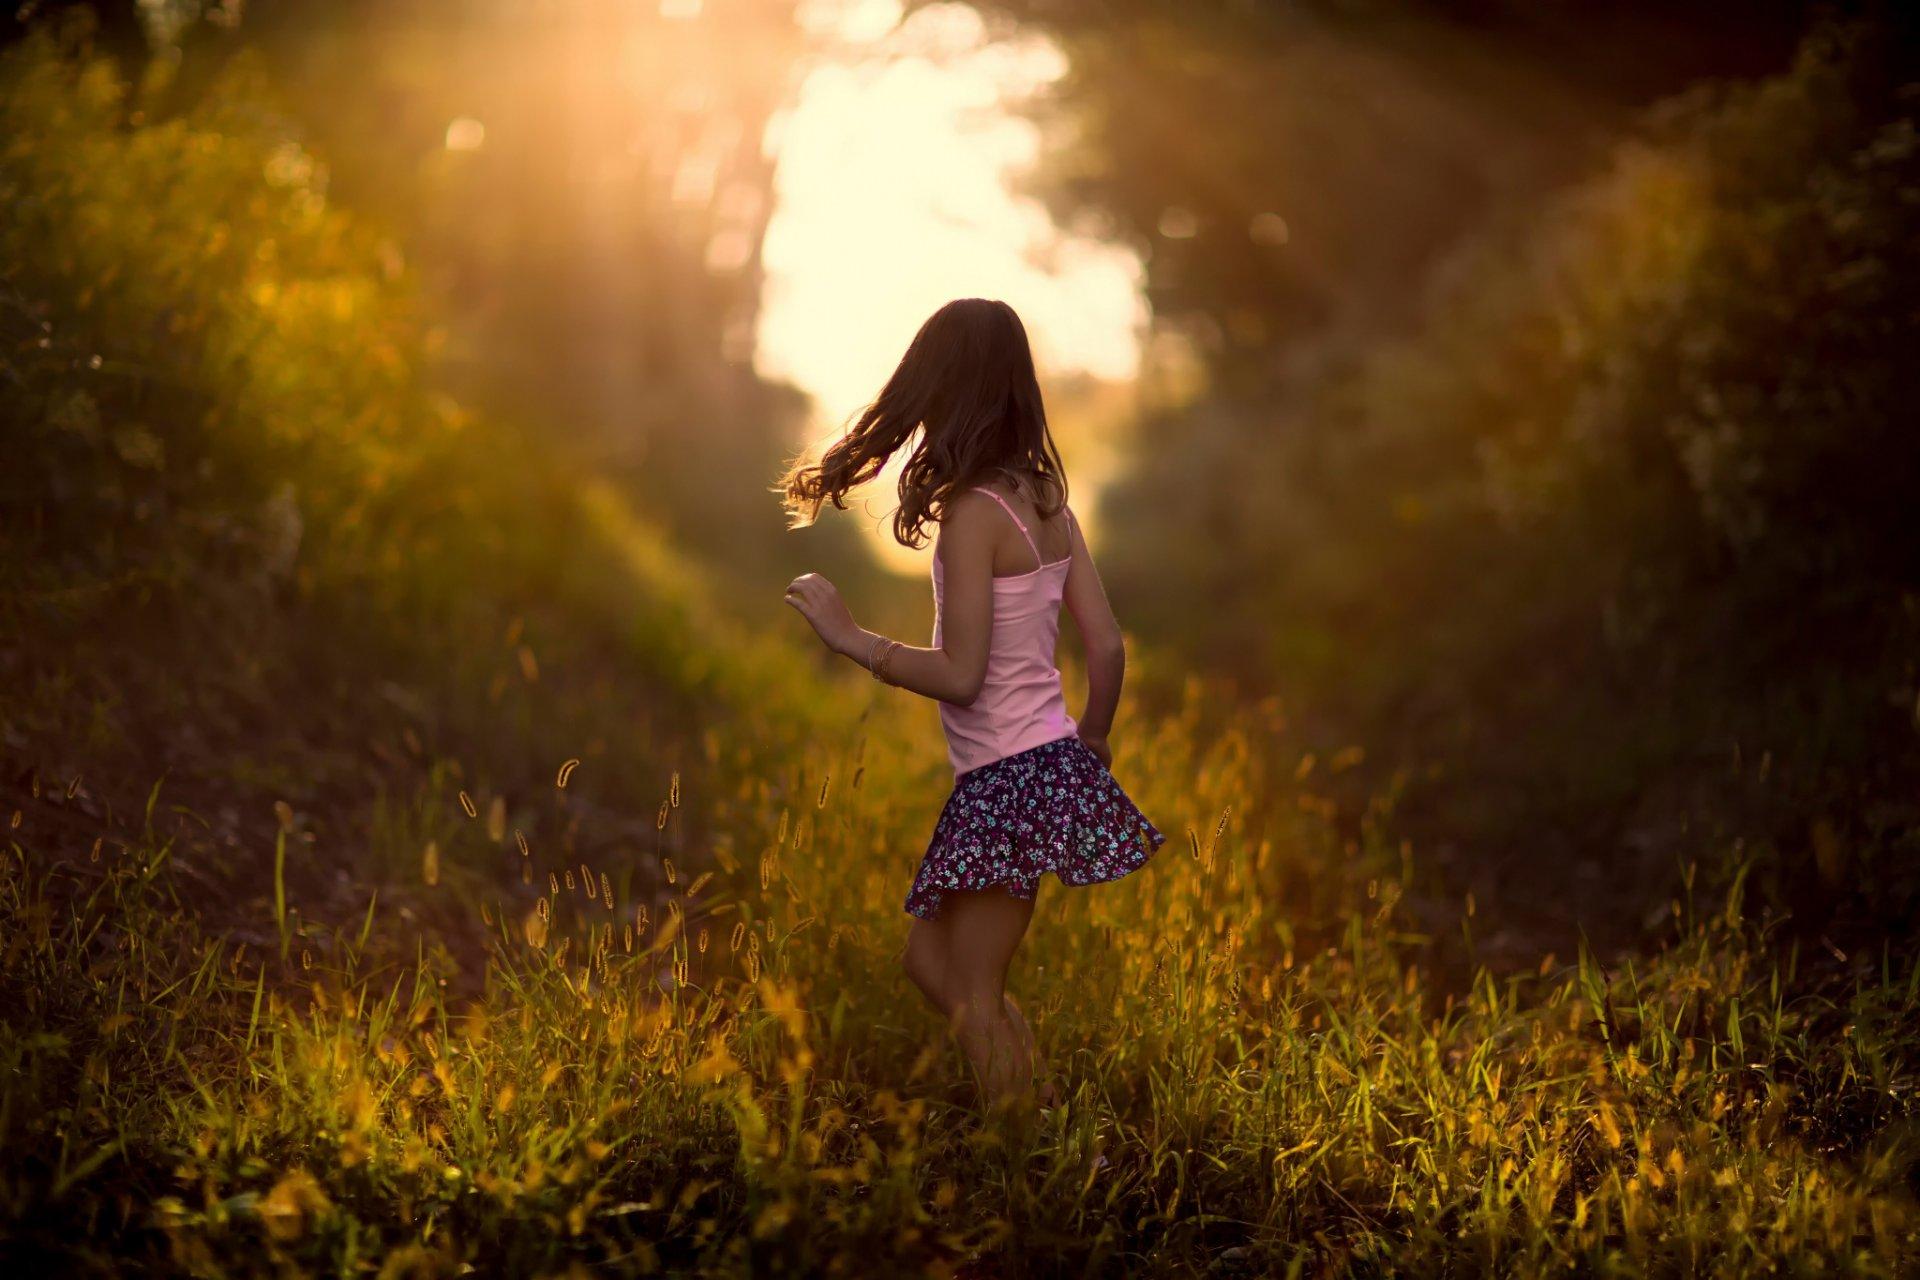 Красивые картинки с людьми со спины на природе